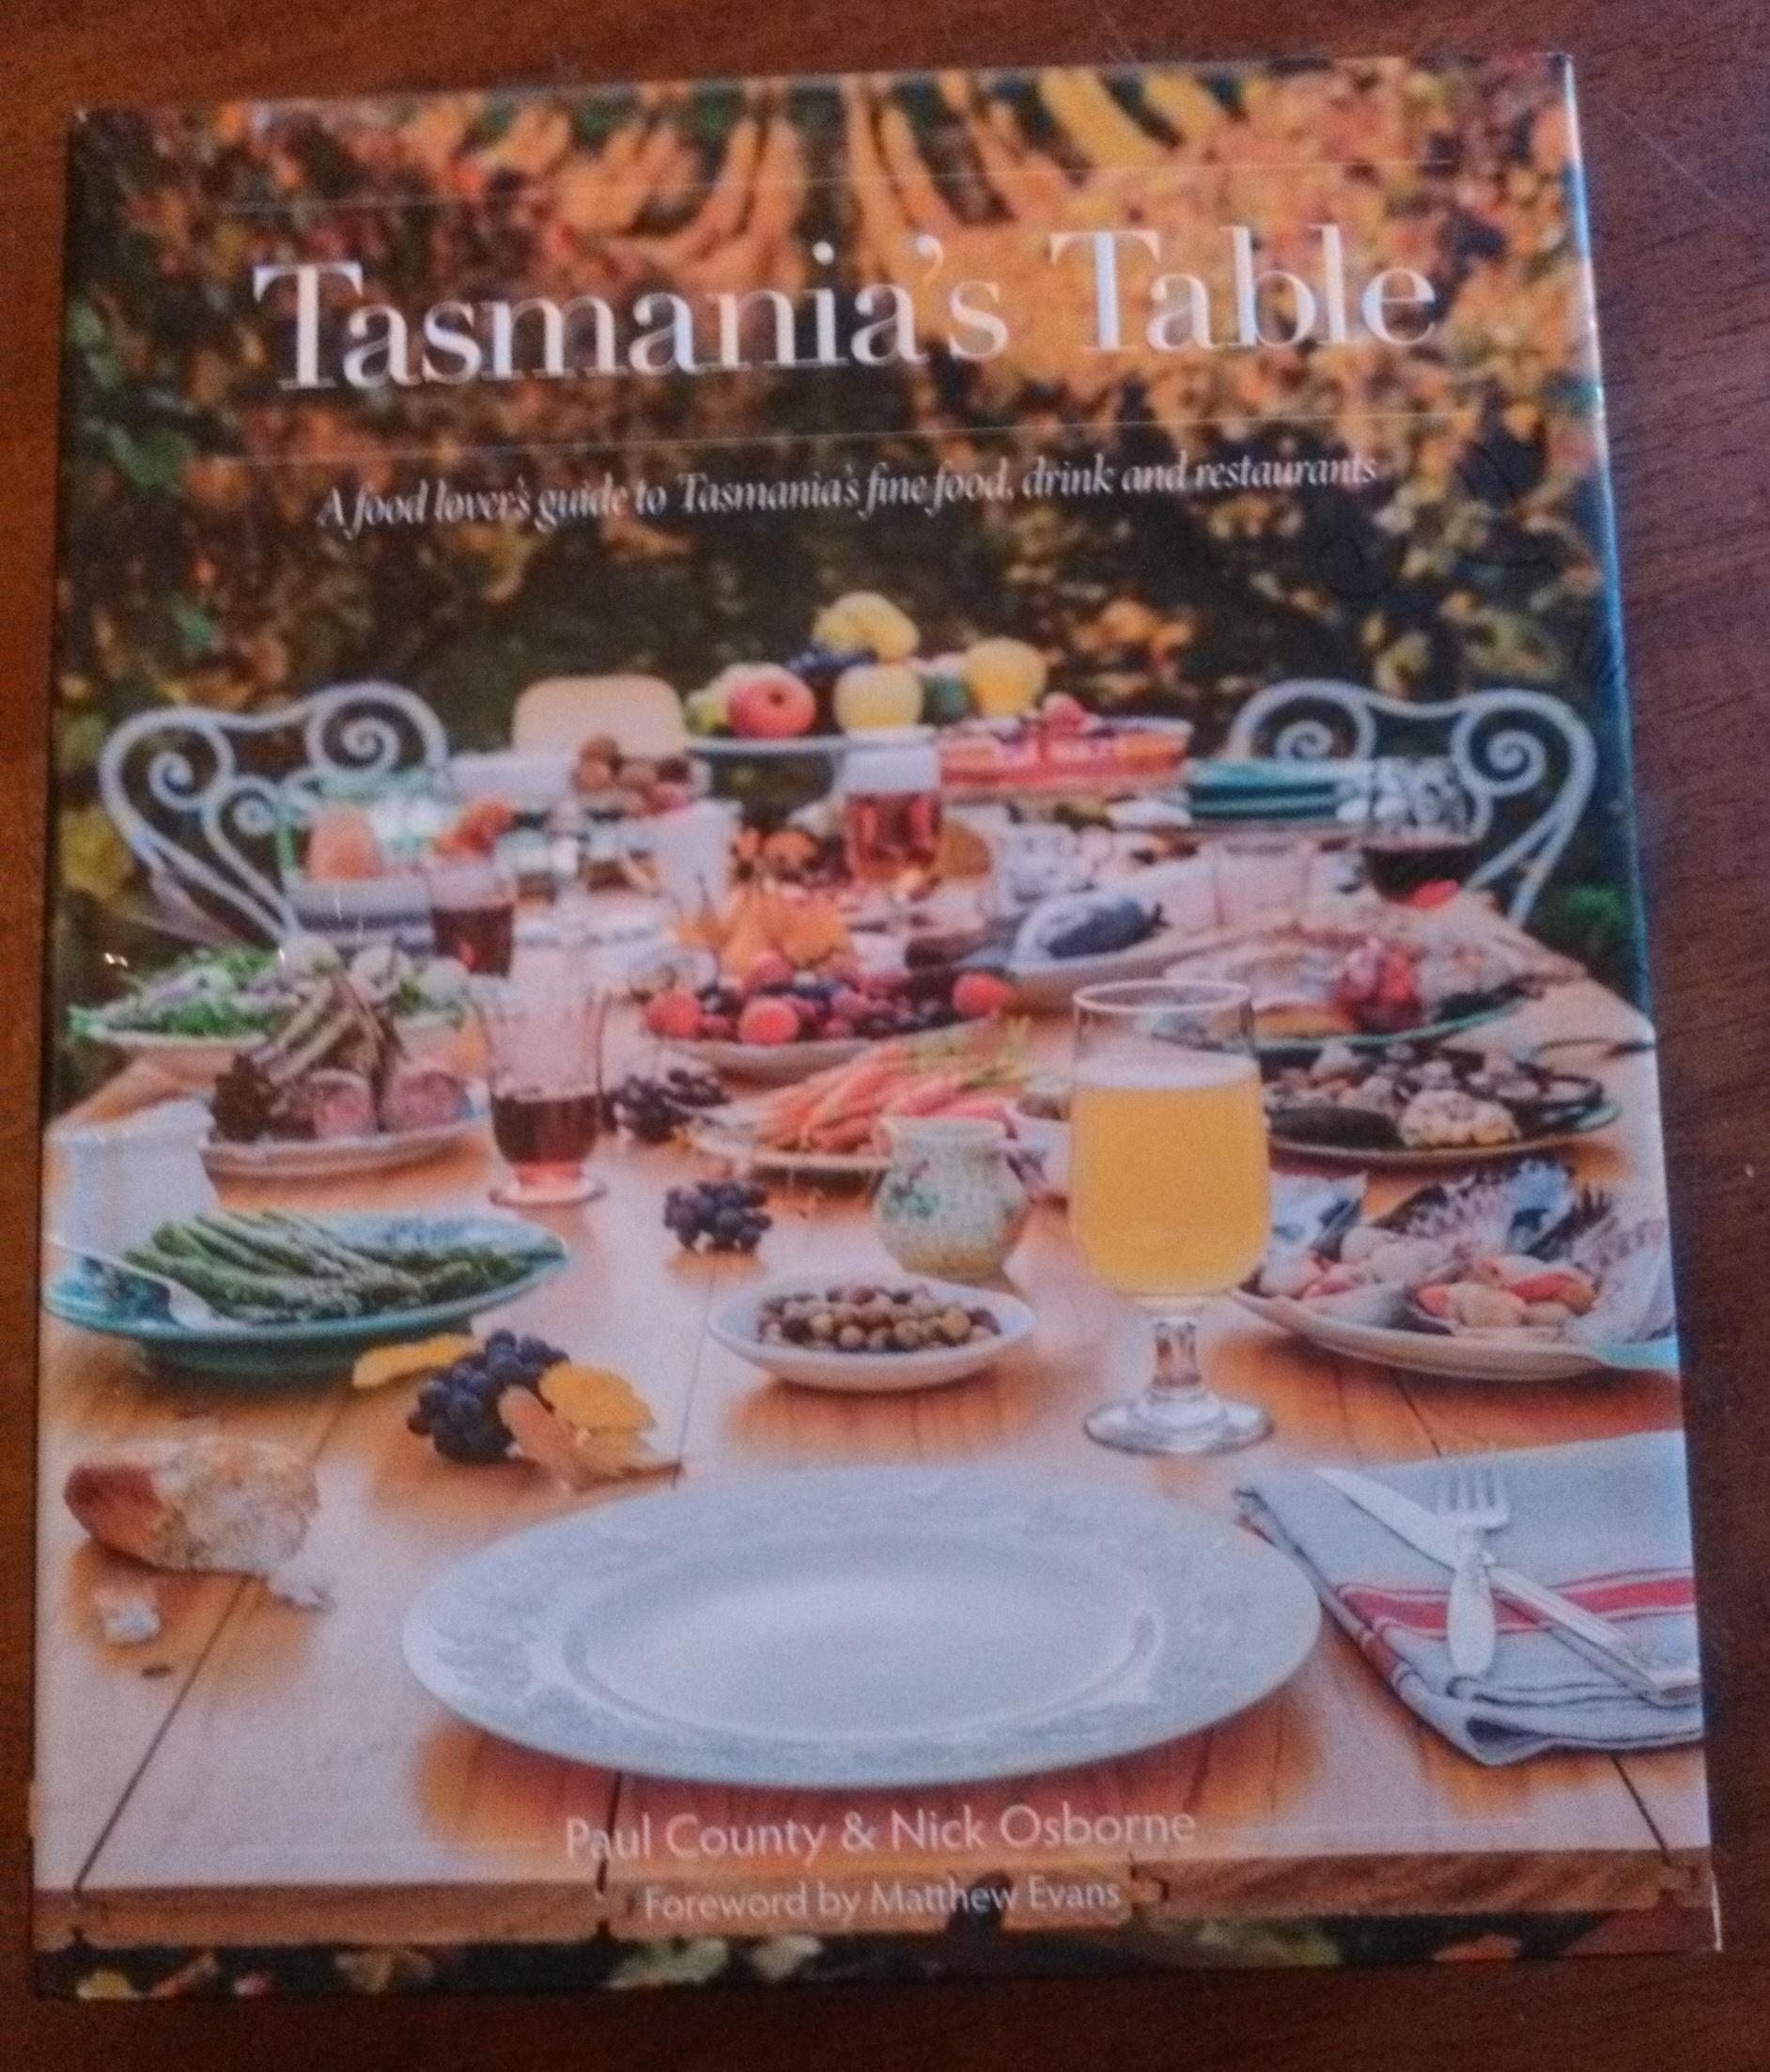 Tasmania's Table